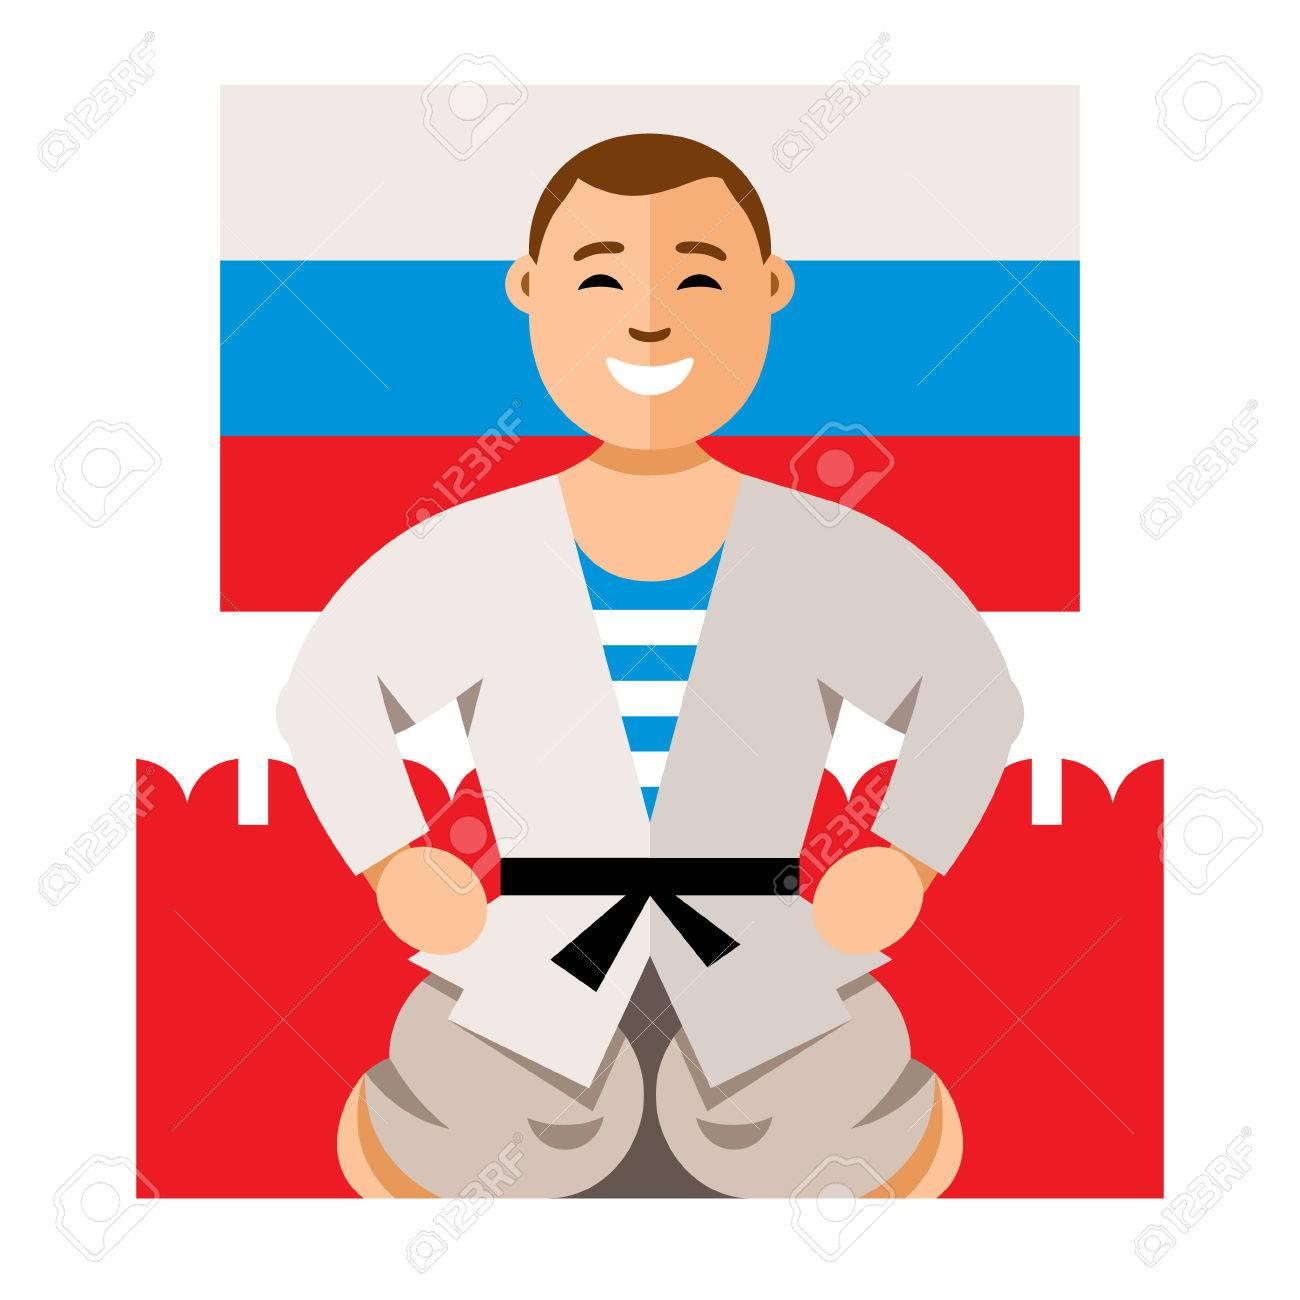 ベクトル ロシア人男性のユーモアの概念フラット スタイル カラフルな